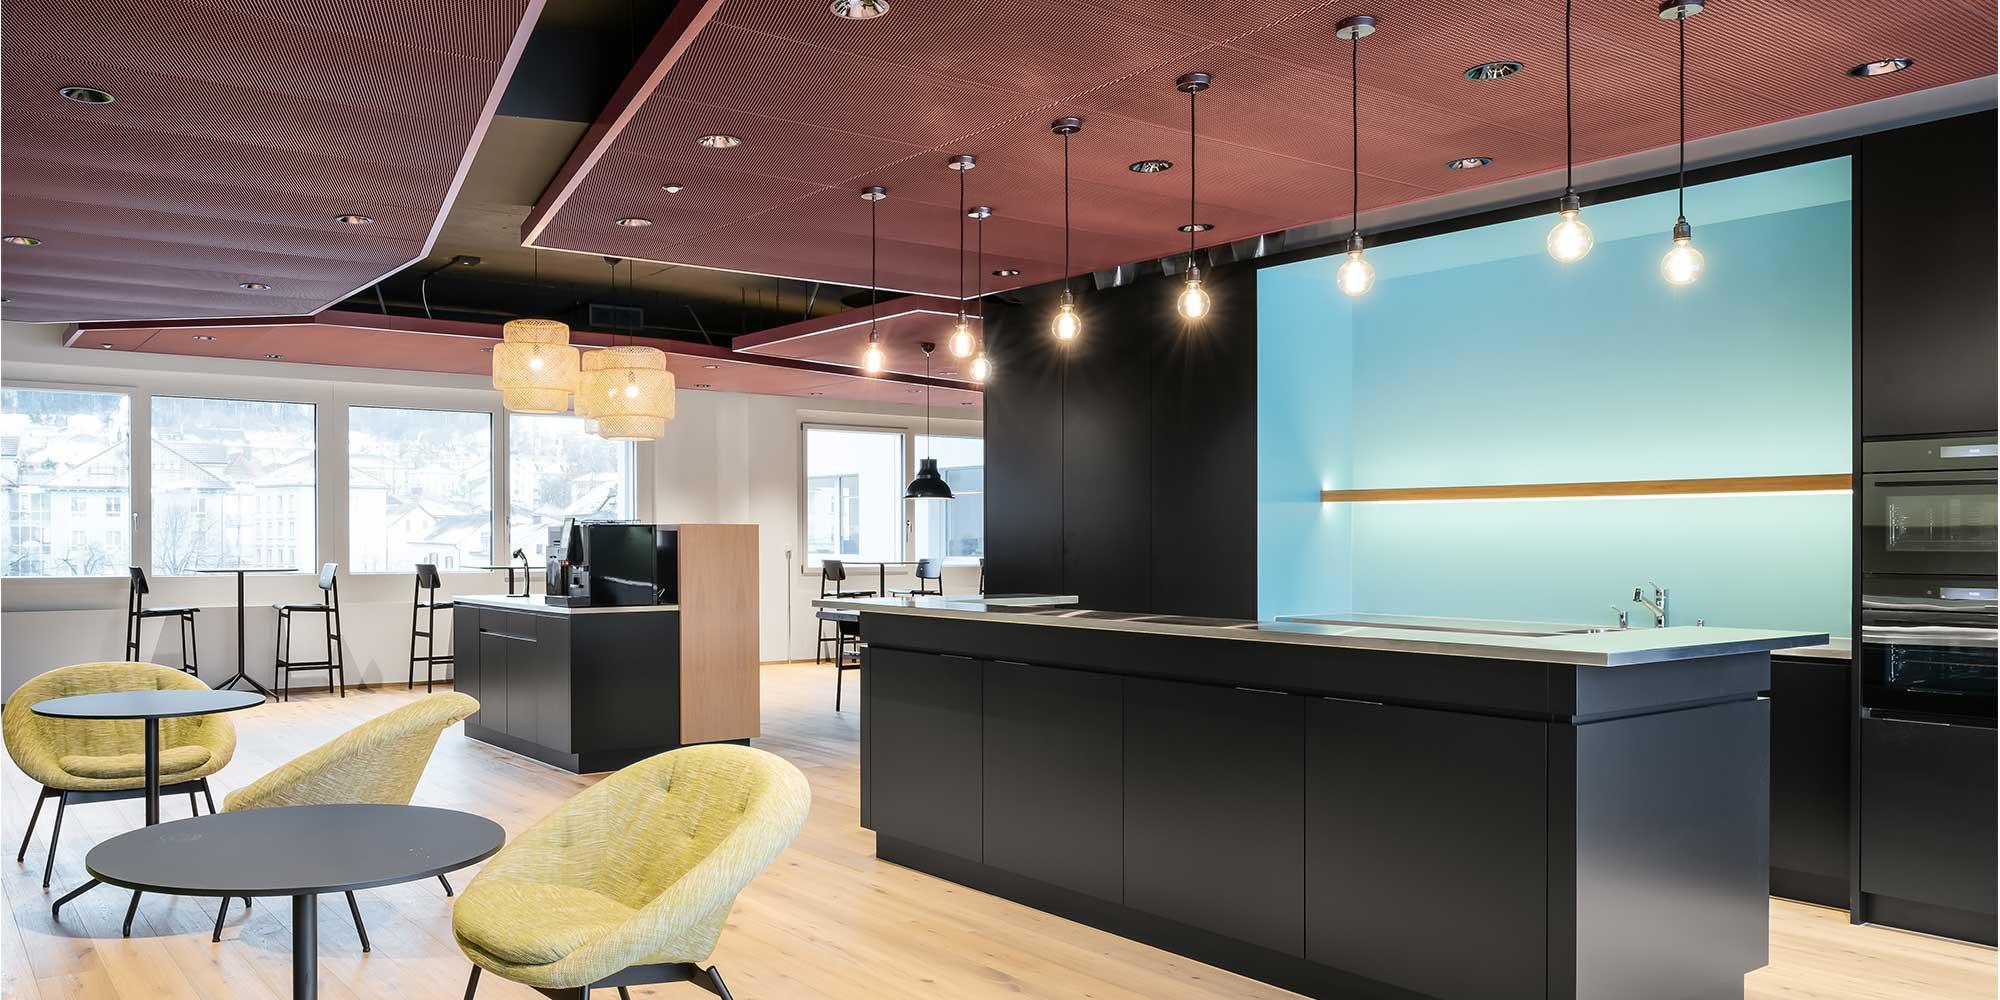 Die Küche und Pausenraum von Axept wurden mit Filament mega globe Leuchtmittel von Calex, Dea amata spots von Karizma luce